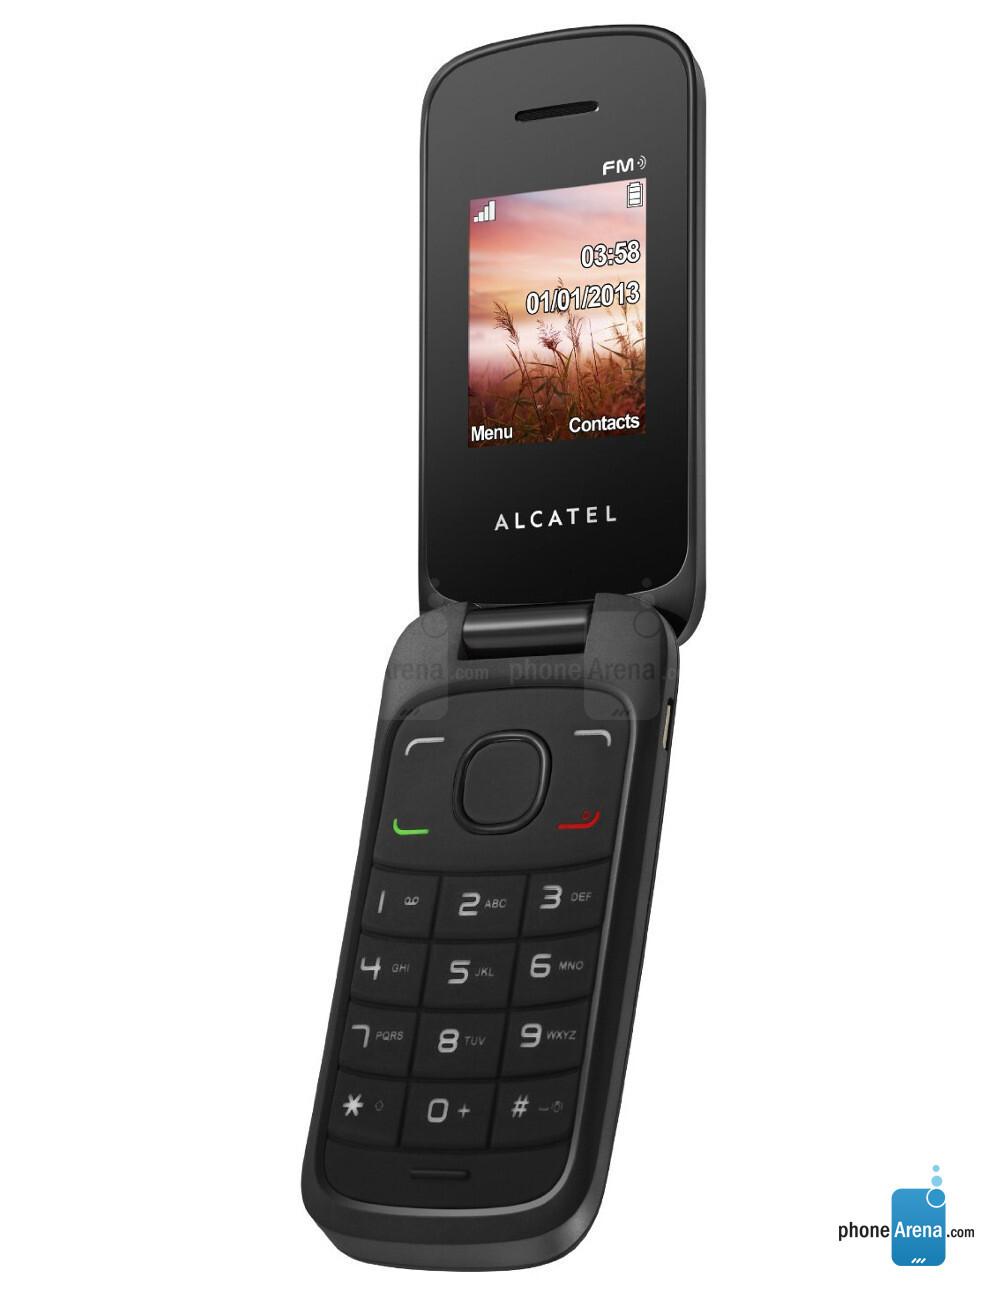 Alcatel 1030 Specs